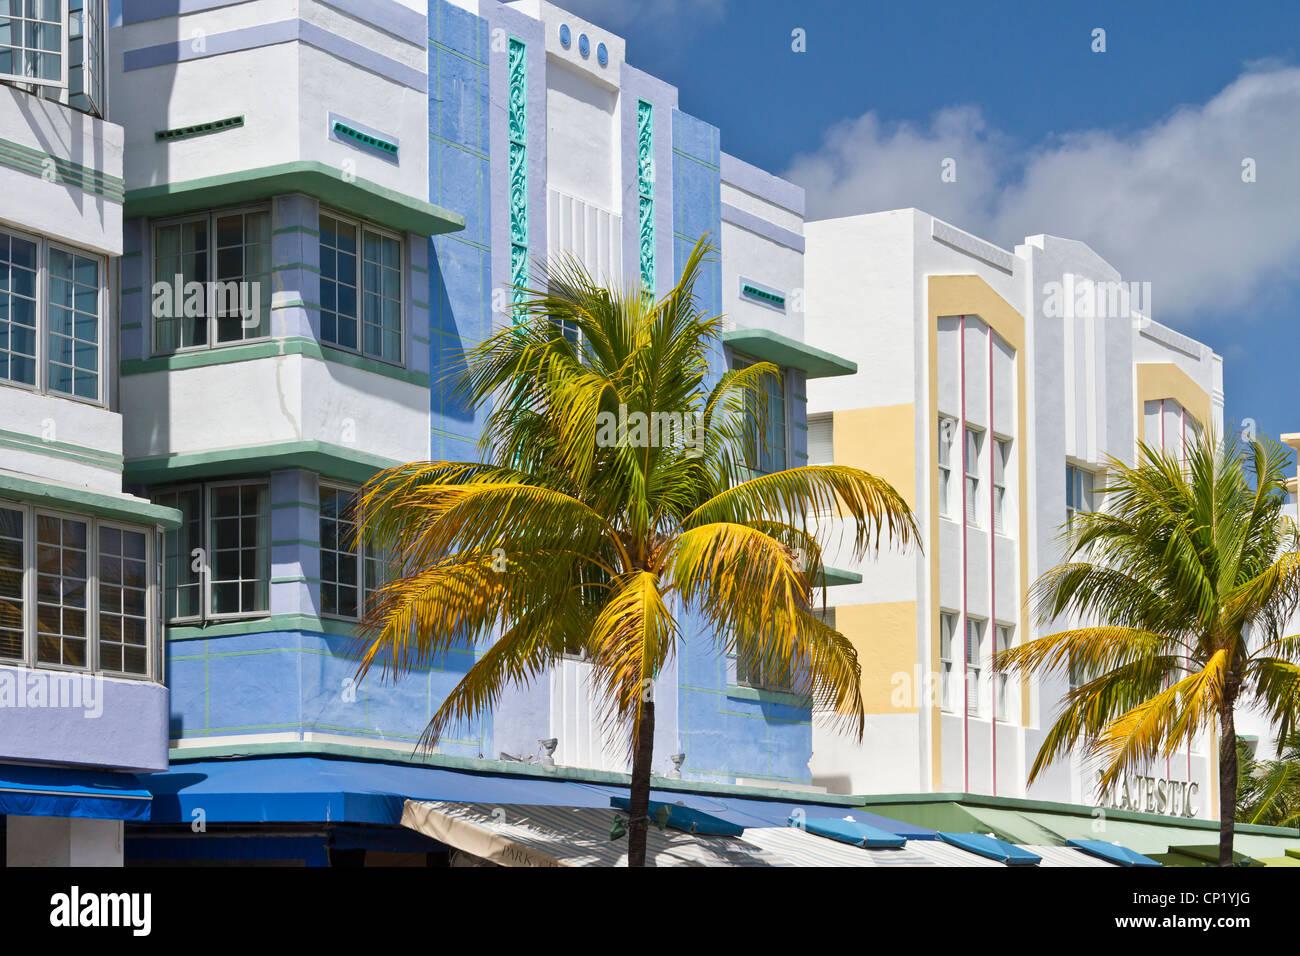 Architettura Art Deco lungo Ocean Drive a Miami Beach, Florida, Stati Uniti d'America. Immagini Stock